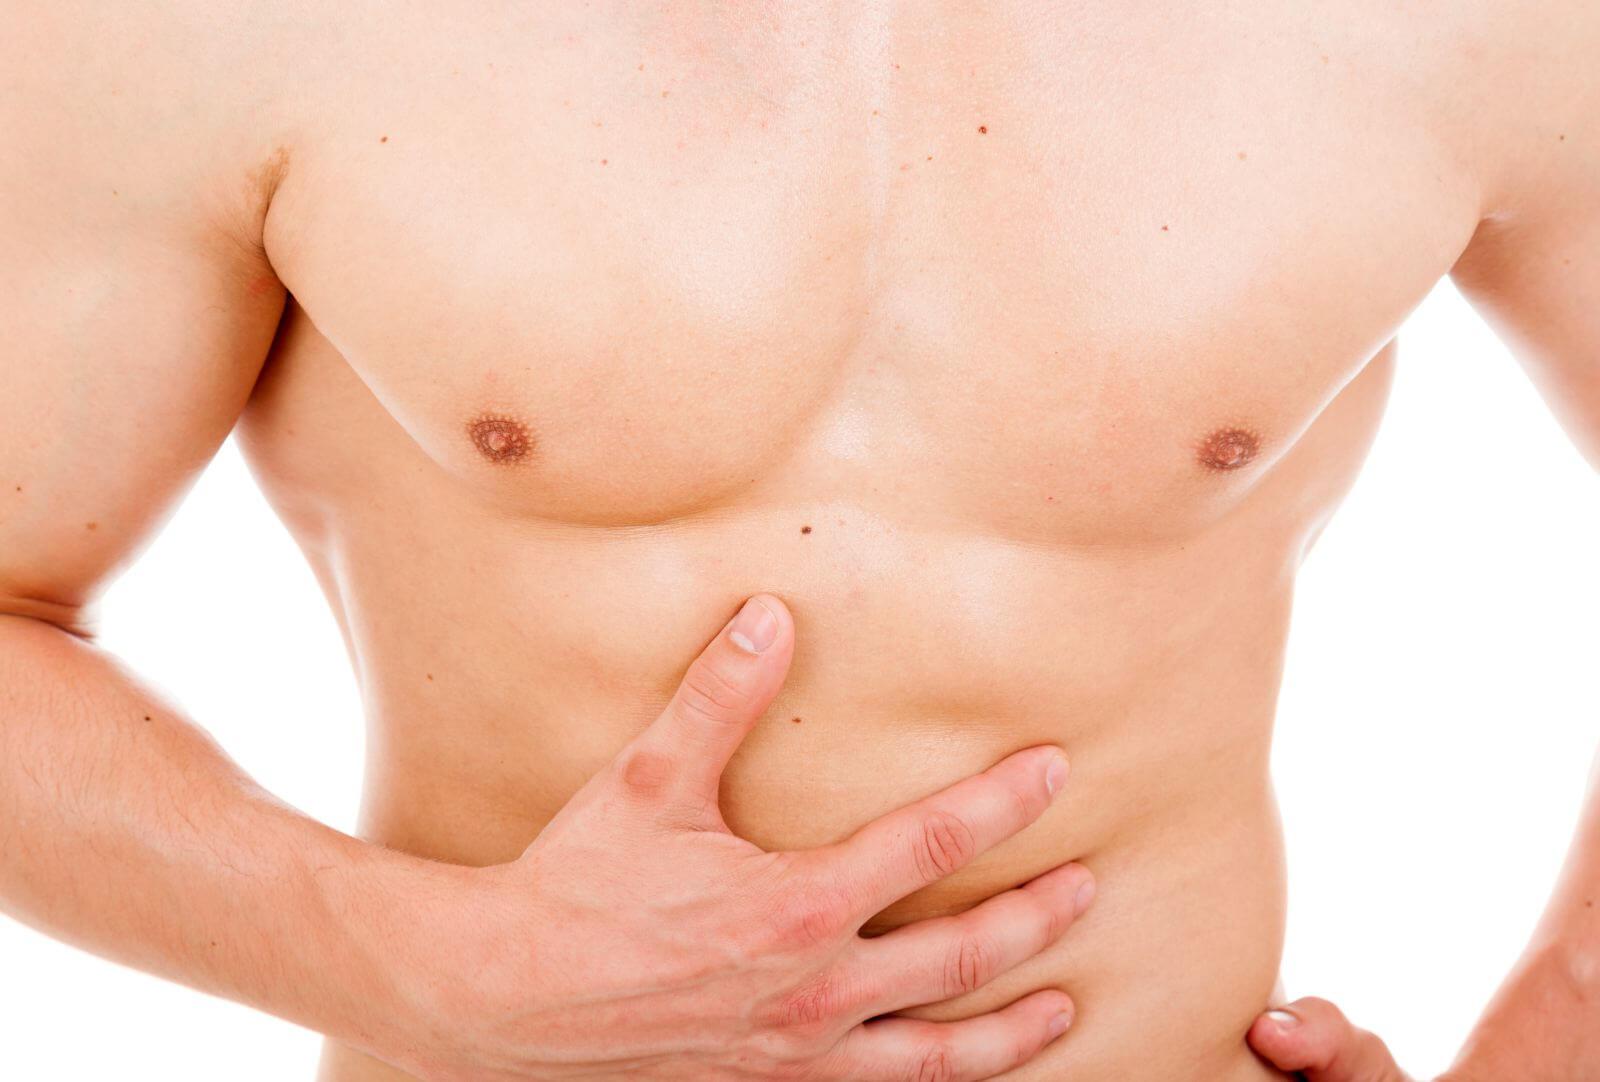 Причины возникновения и симптомы катарального гастродуоденита, а также методы лечения заболевания